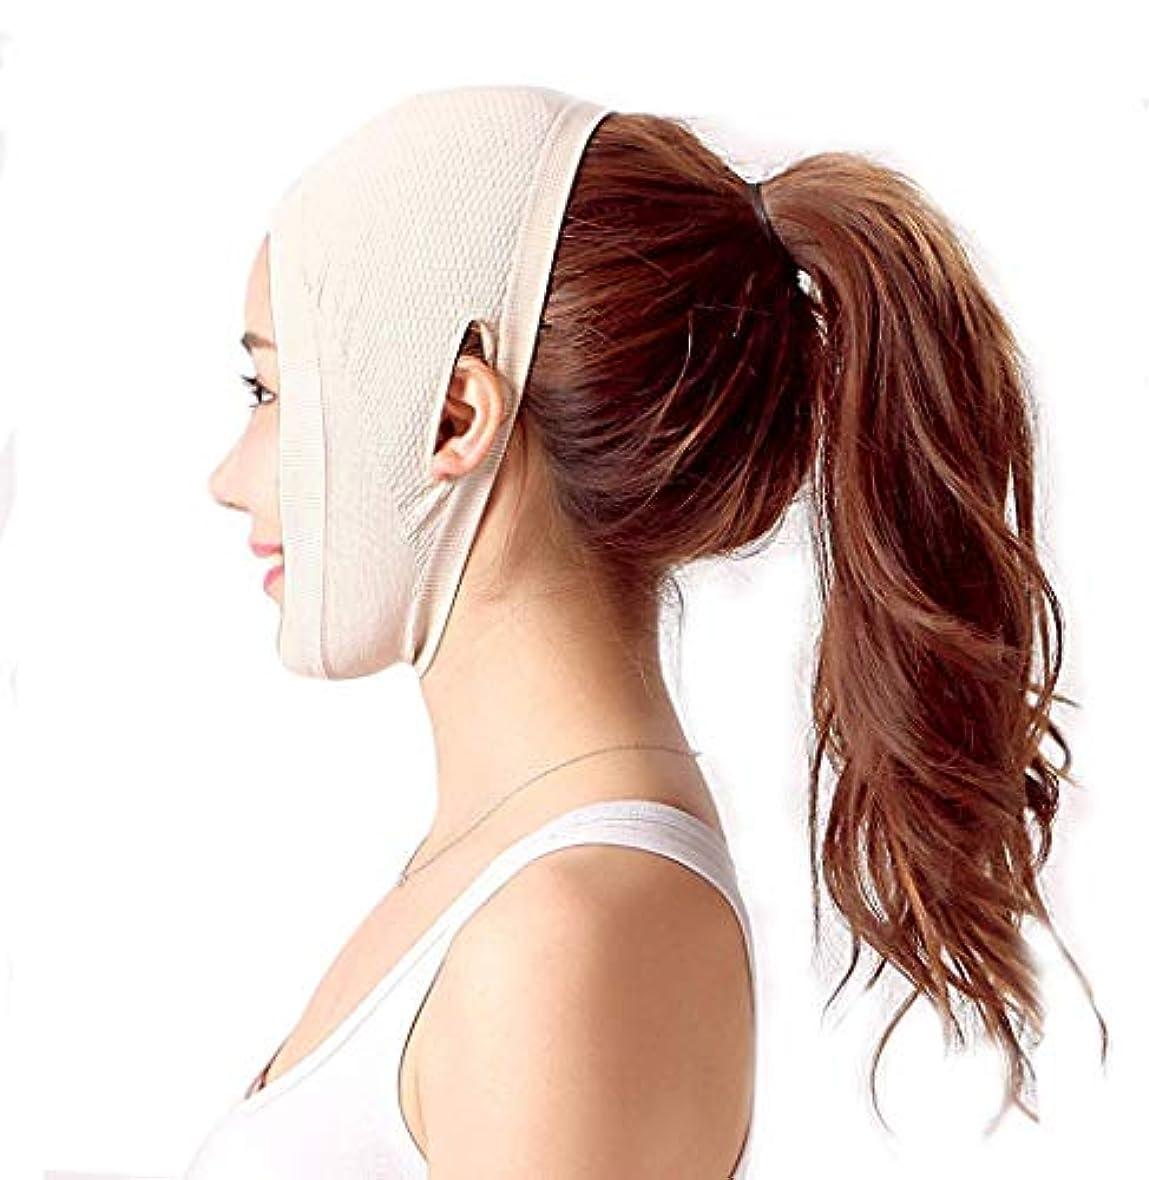 疼痛明確に資格V顔リフティング包帯薄いフェイスマスク(色:肌のトーン(A))を眠っている整形手術病院ライン彫刻術後回復ヘッドギア医療マスク